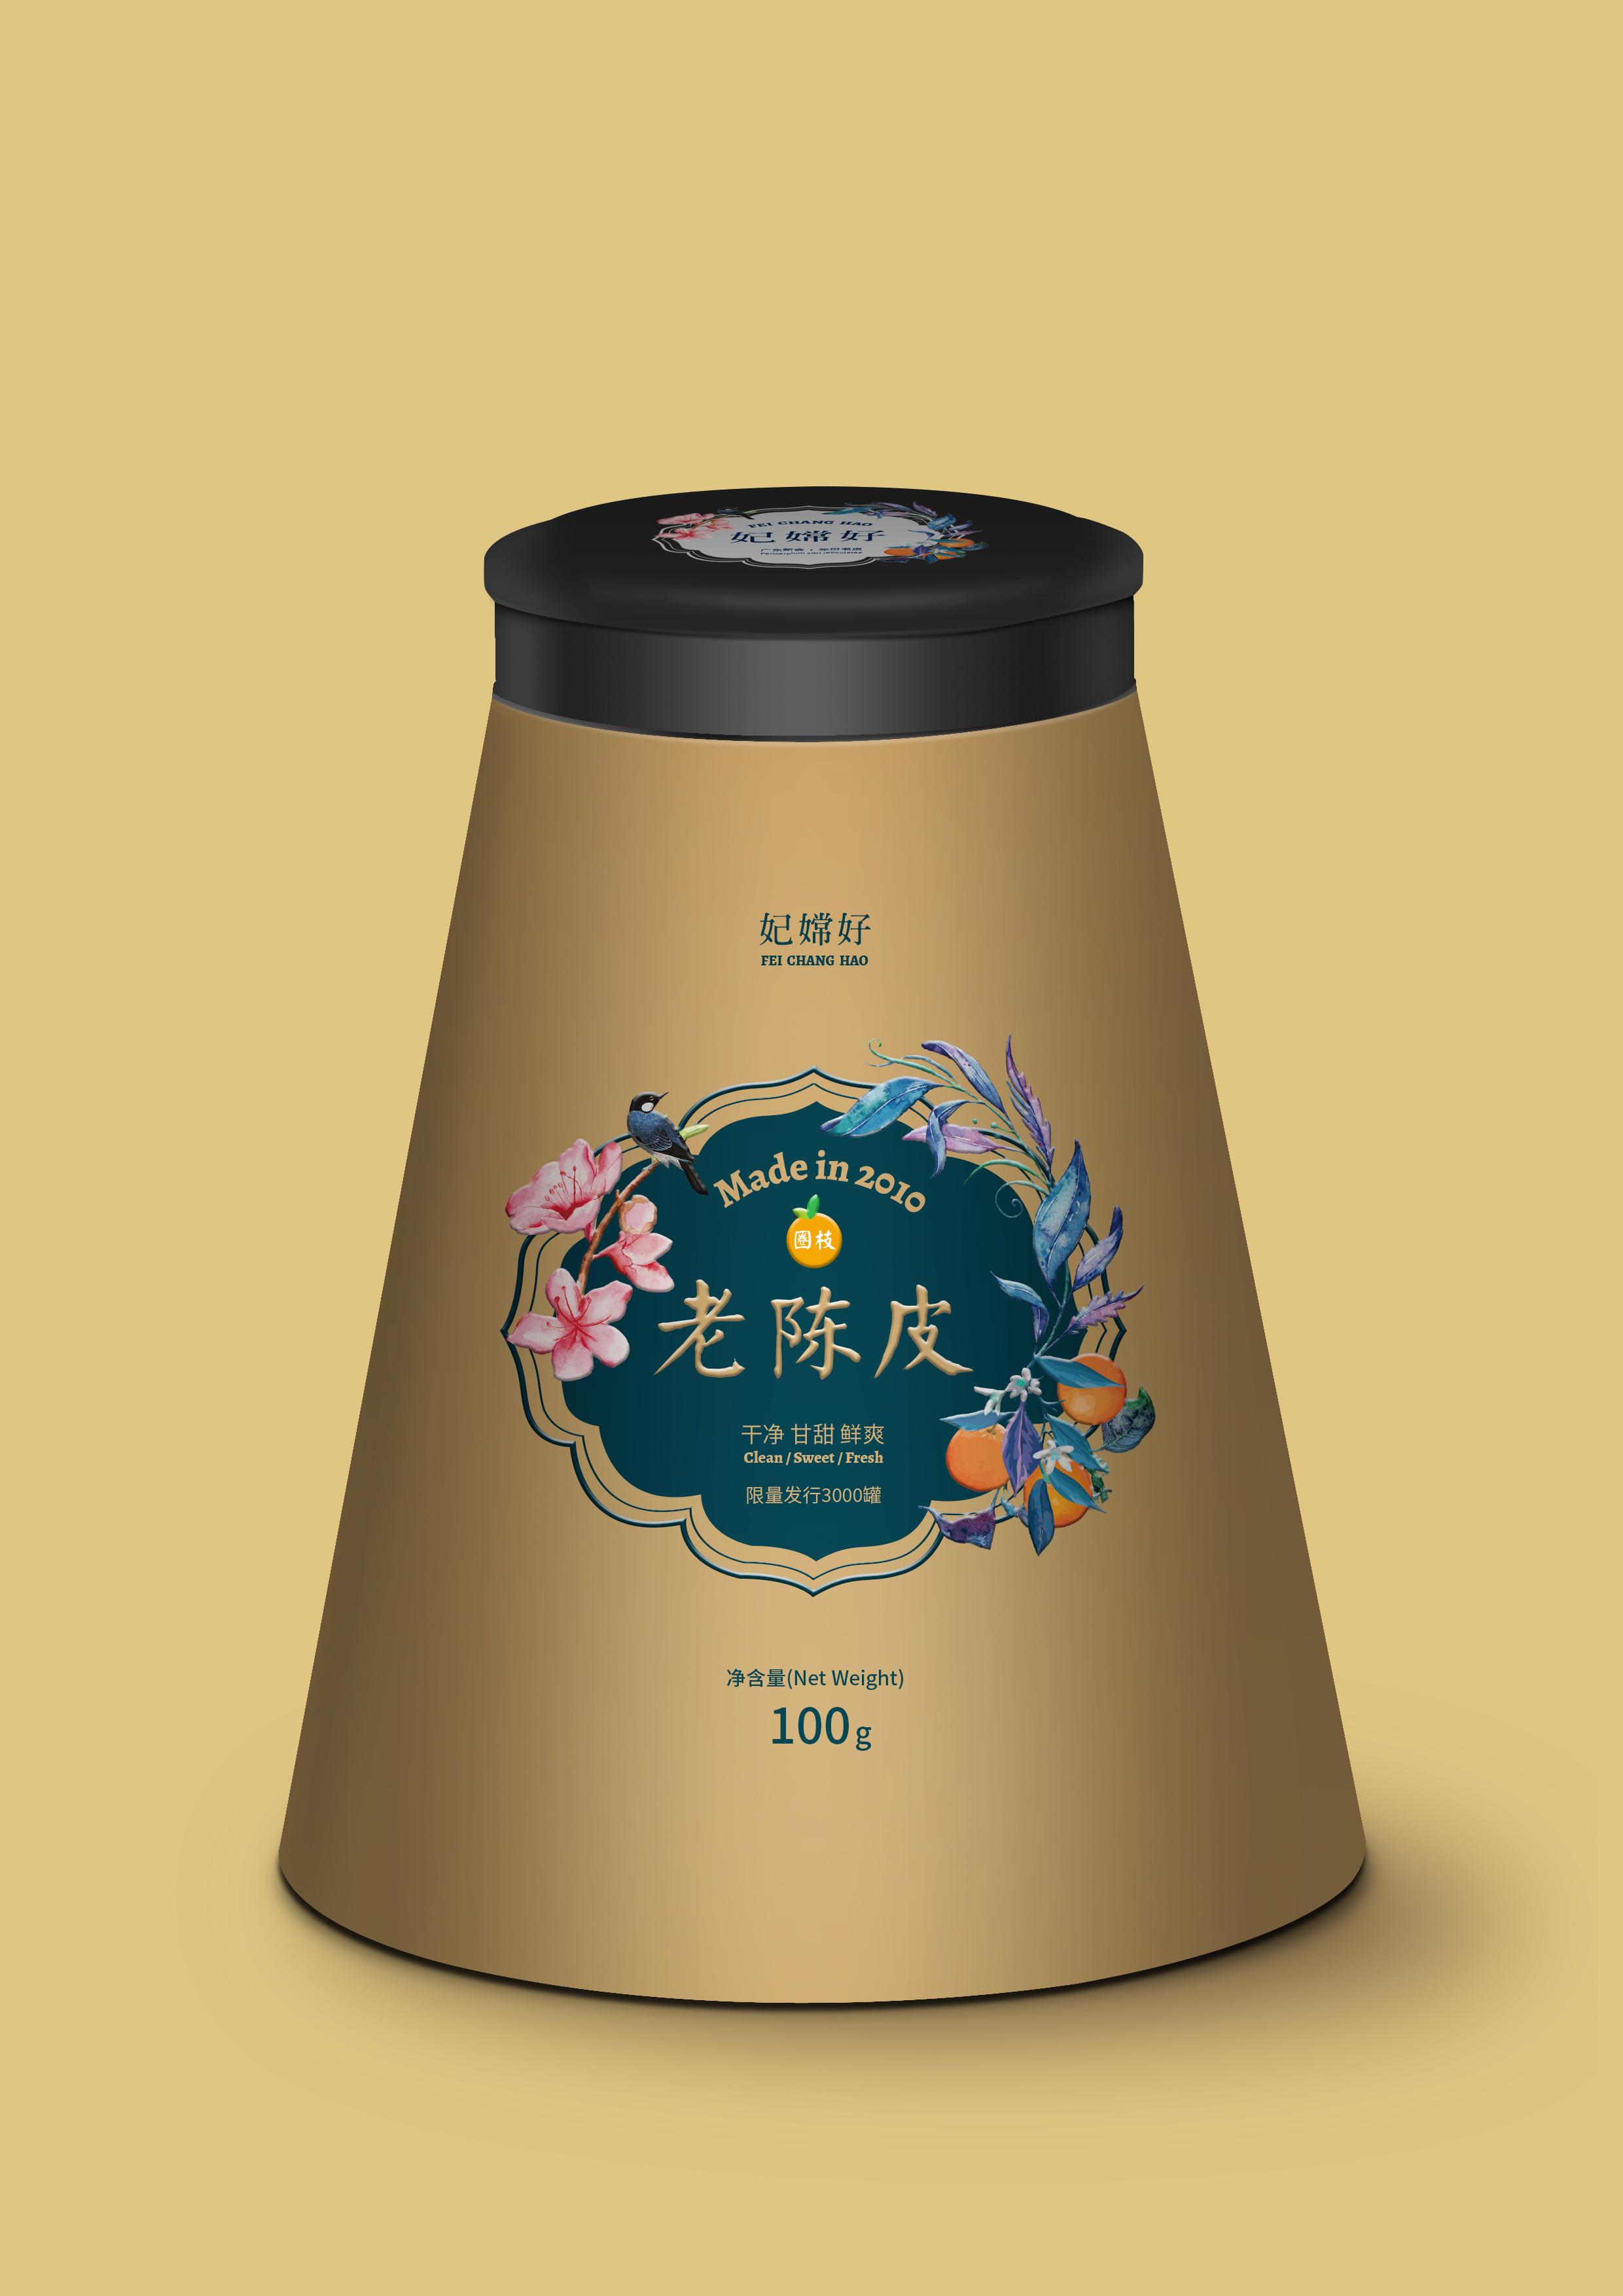 妃嫦好圈枝老陳皮2010